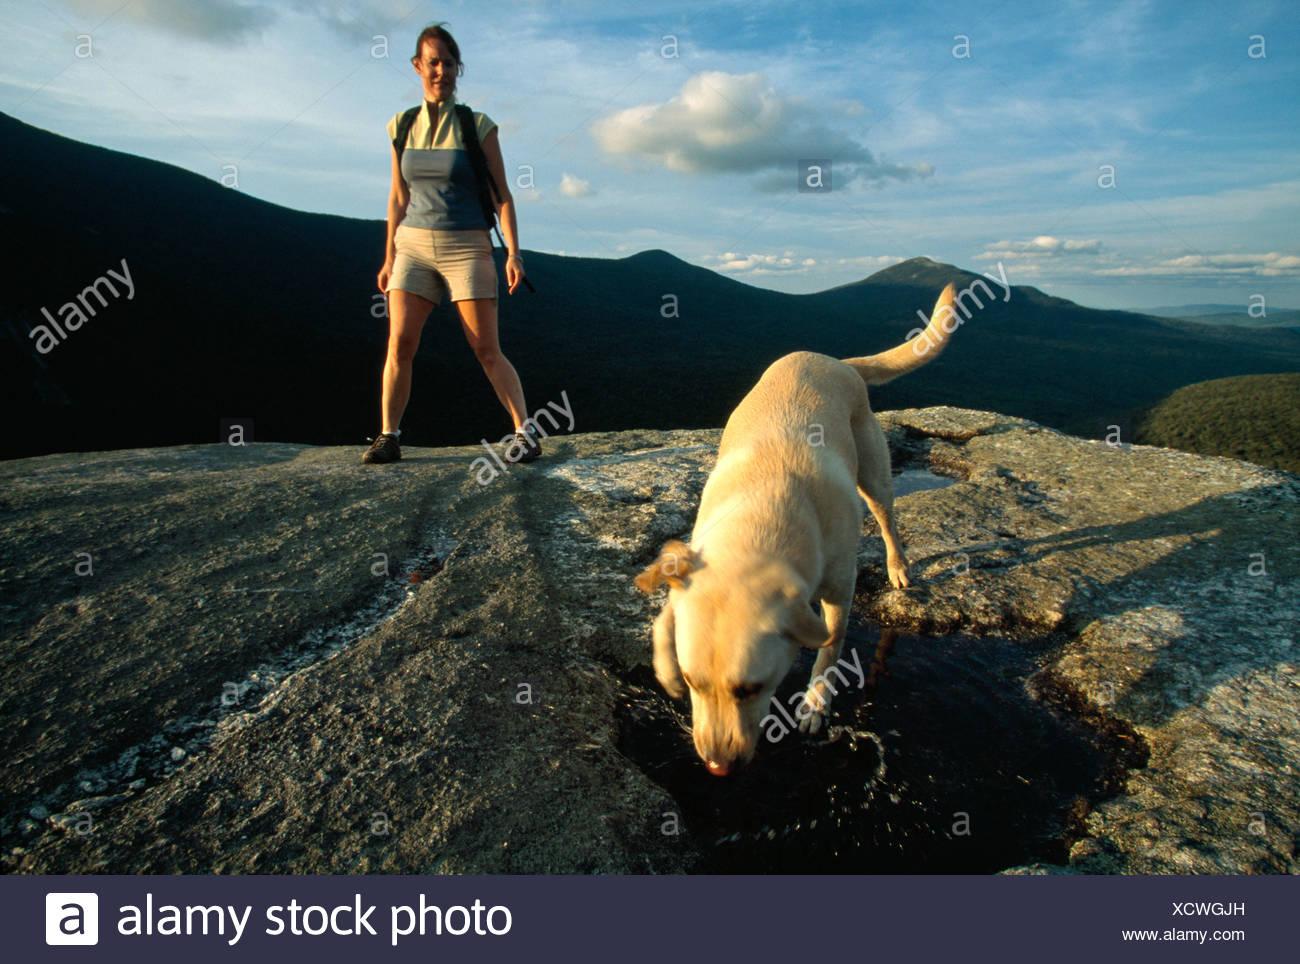 Una donna e un cane in cima a una montagna, Newry, Maine. Immagini Stock